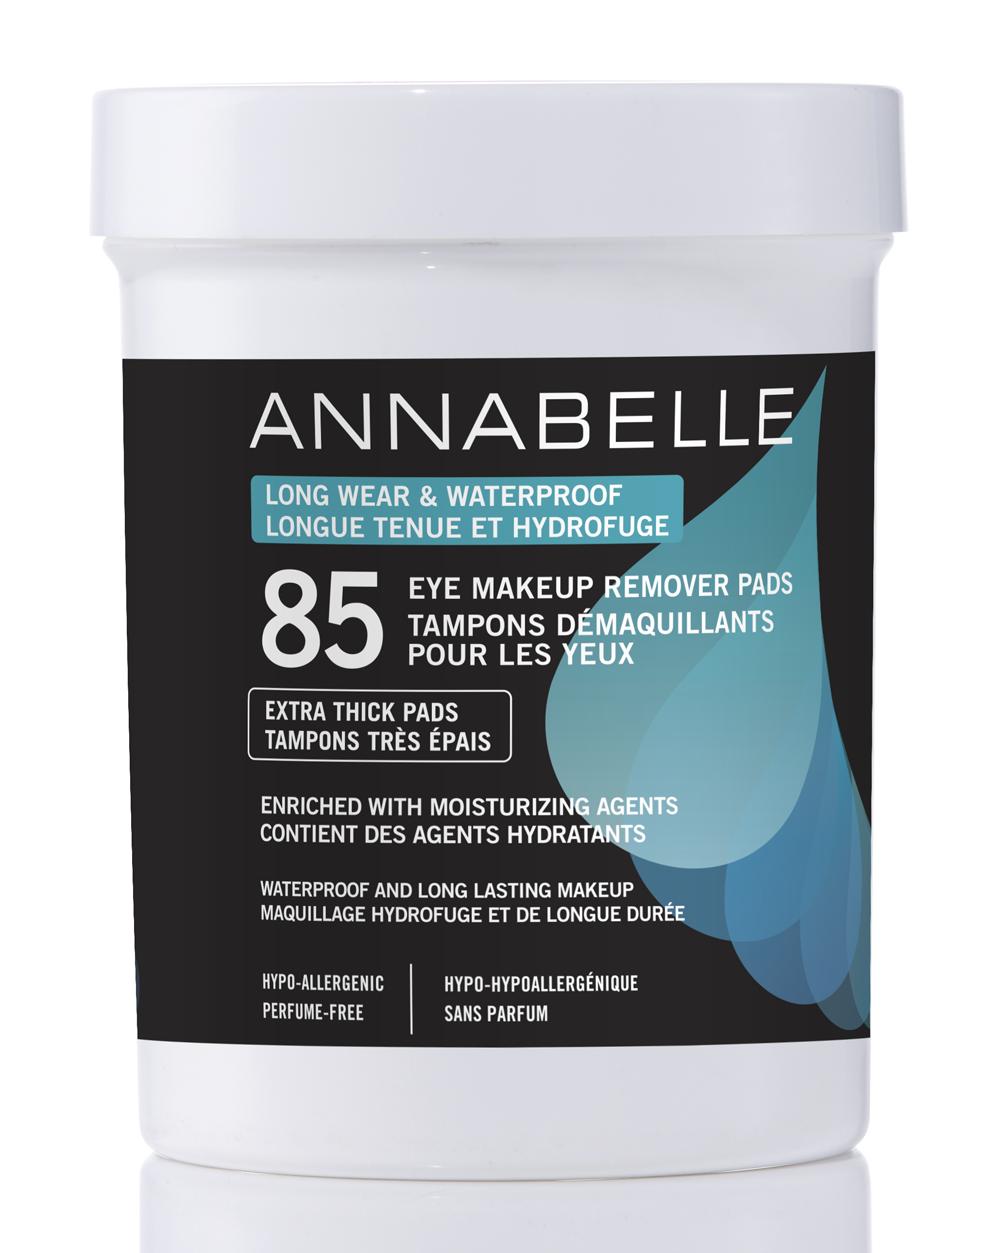 Annabelle Tampons démaquillants pour les yeux longue tenue et hydrofuge